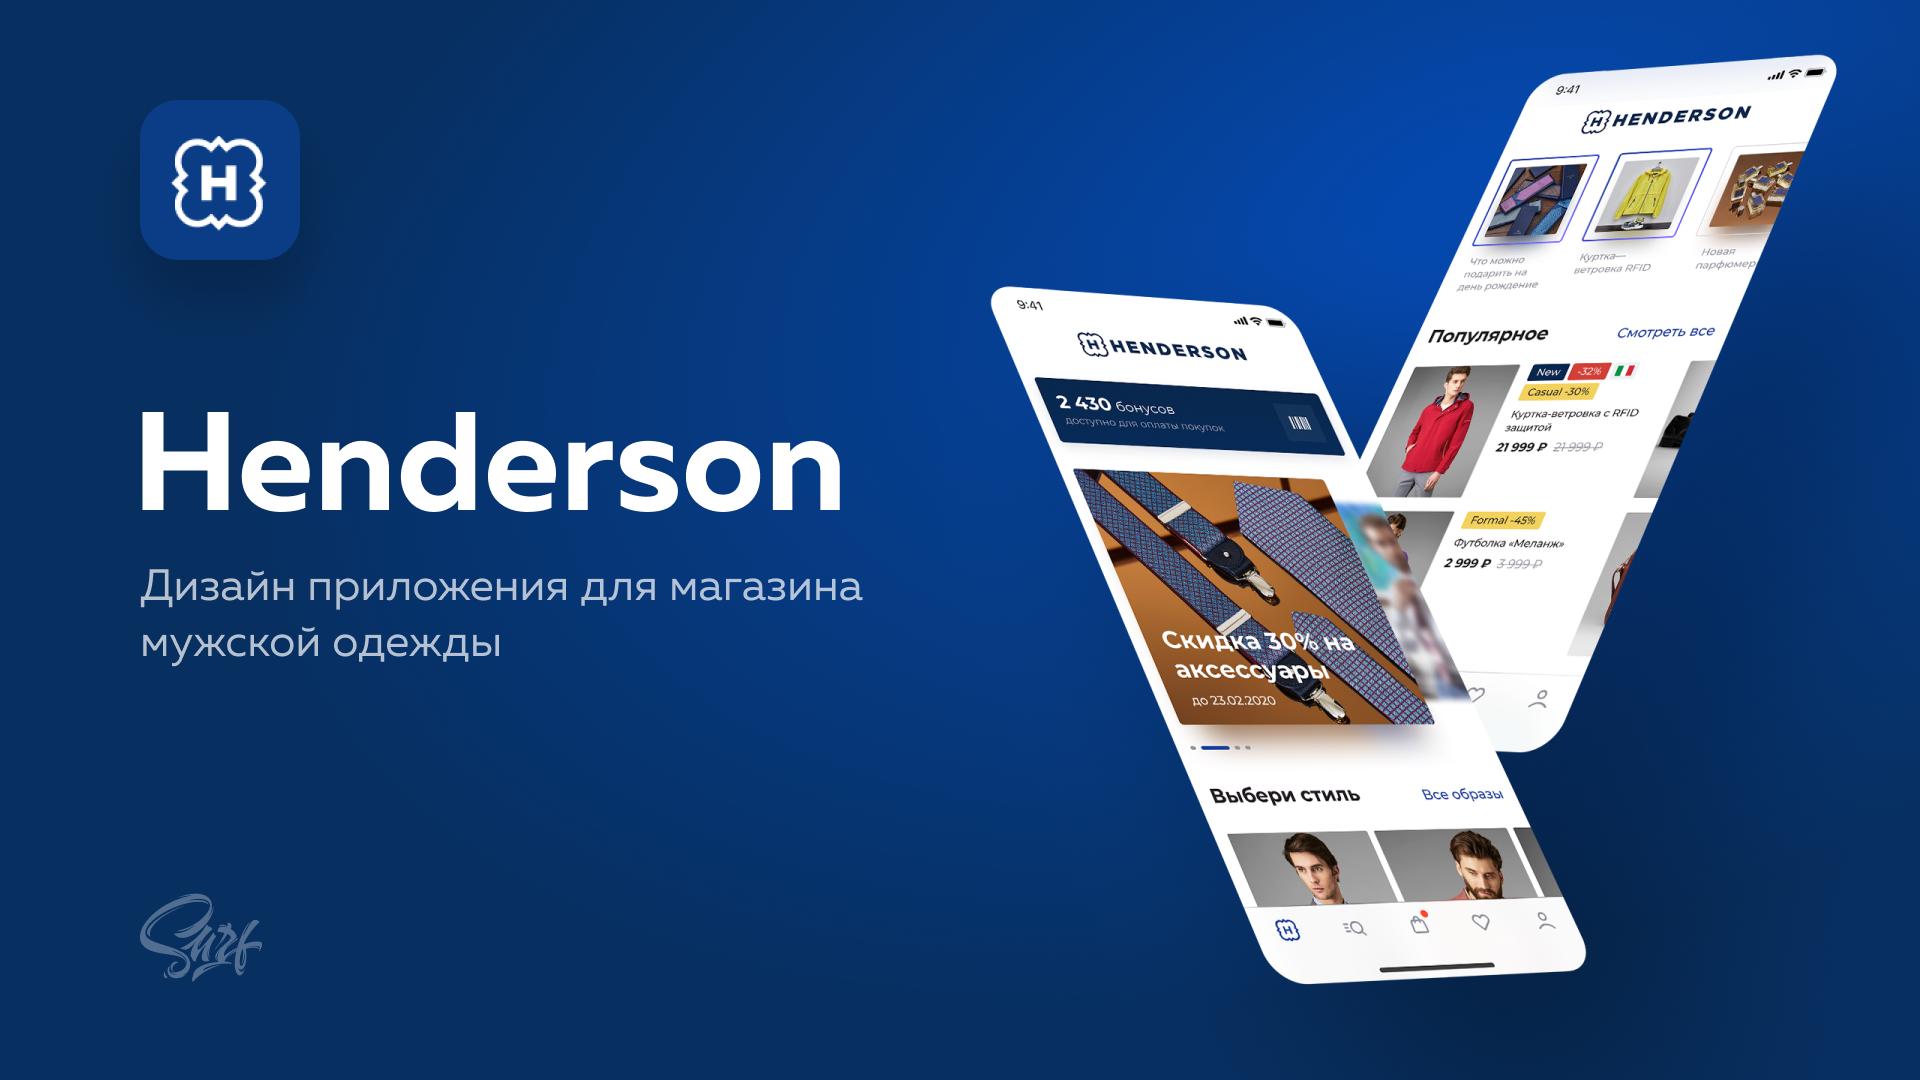 Дизайн мобильного приложения Henderson